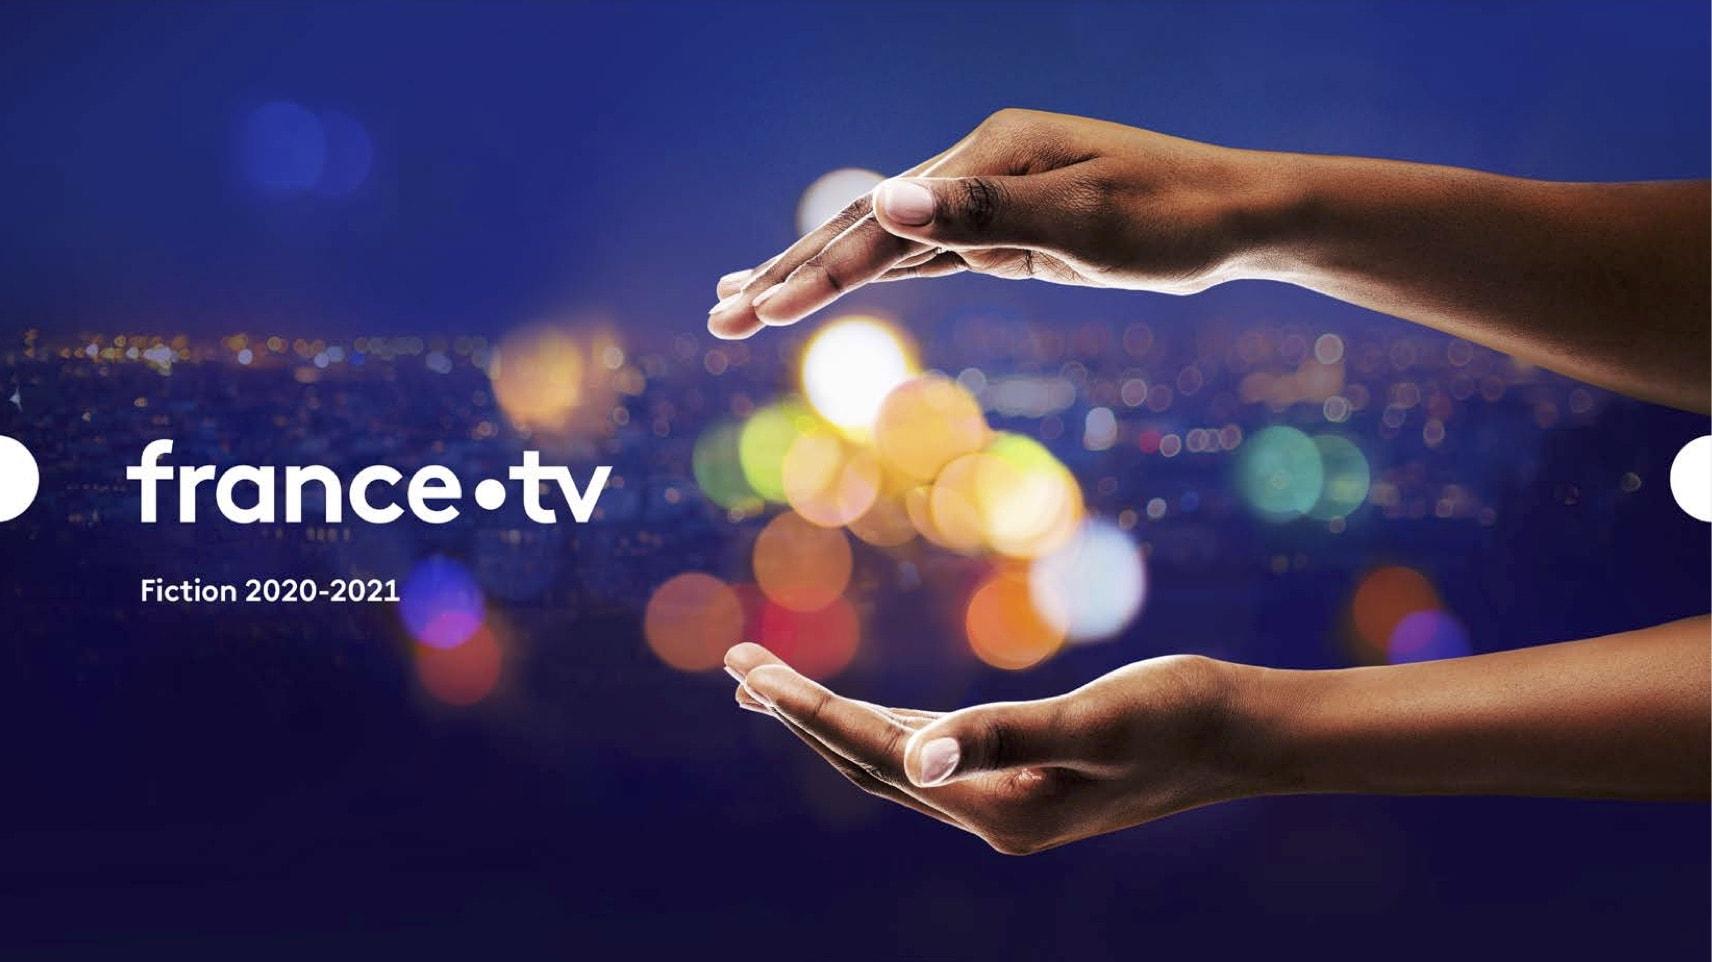 La saison fictions 2020-2021 de France Télévisions visuel